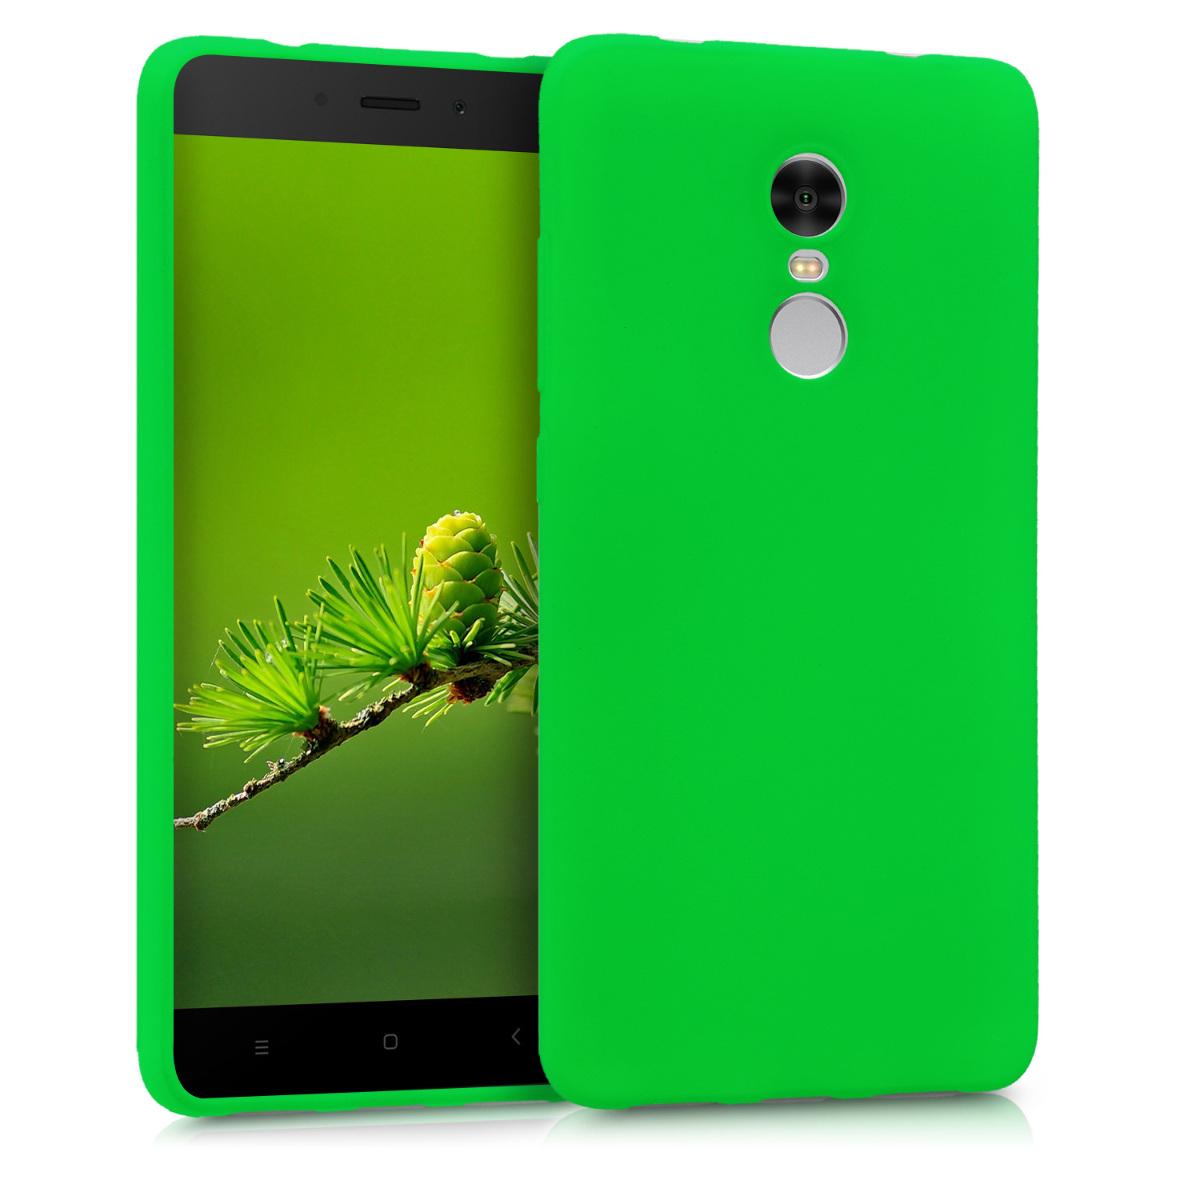 Kvalitní silikonové TPU pouzdro | obal pro Xiaomi Redmi Note 4 | Note 4X - Neonově zelená